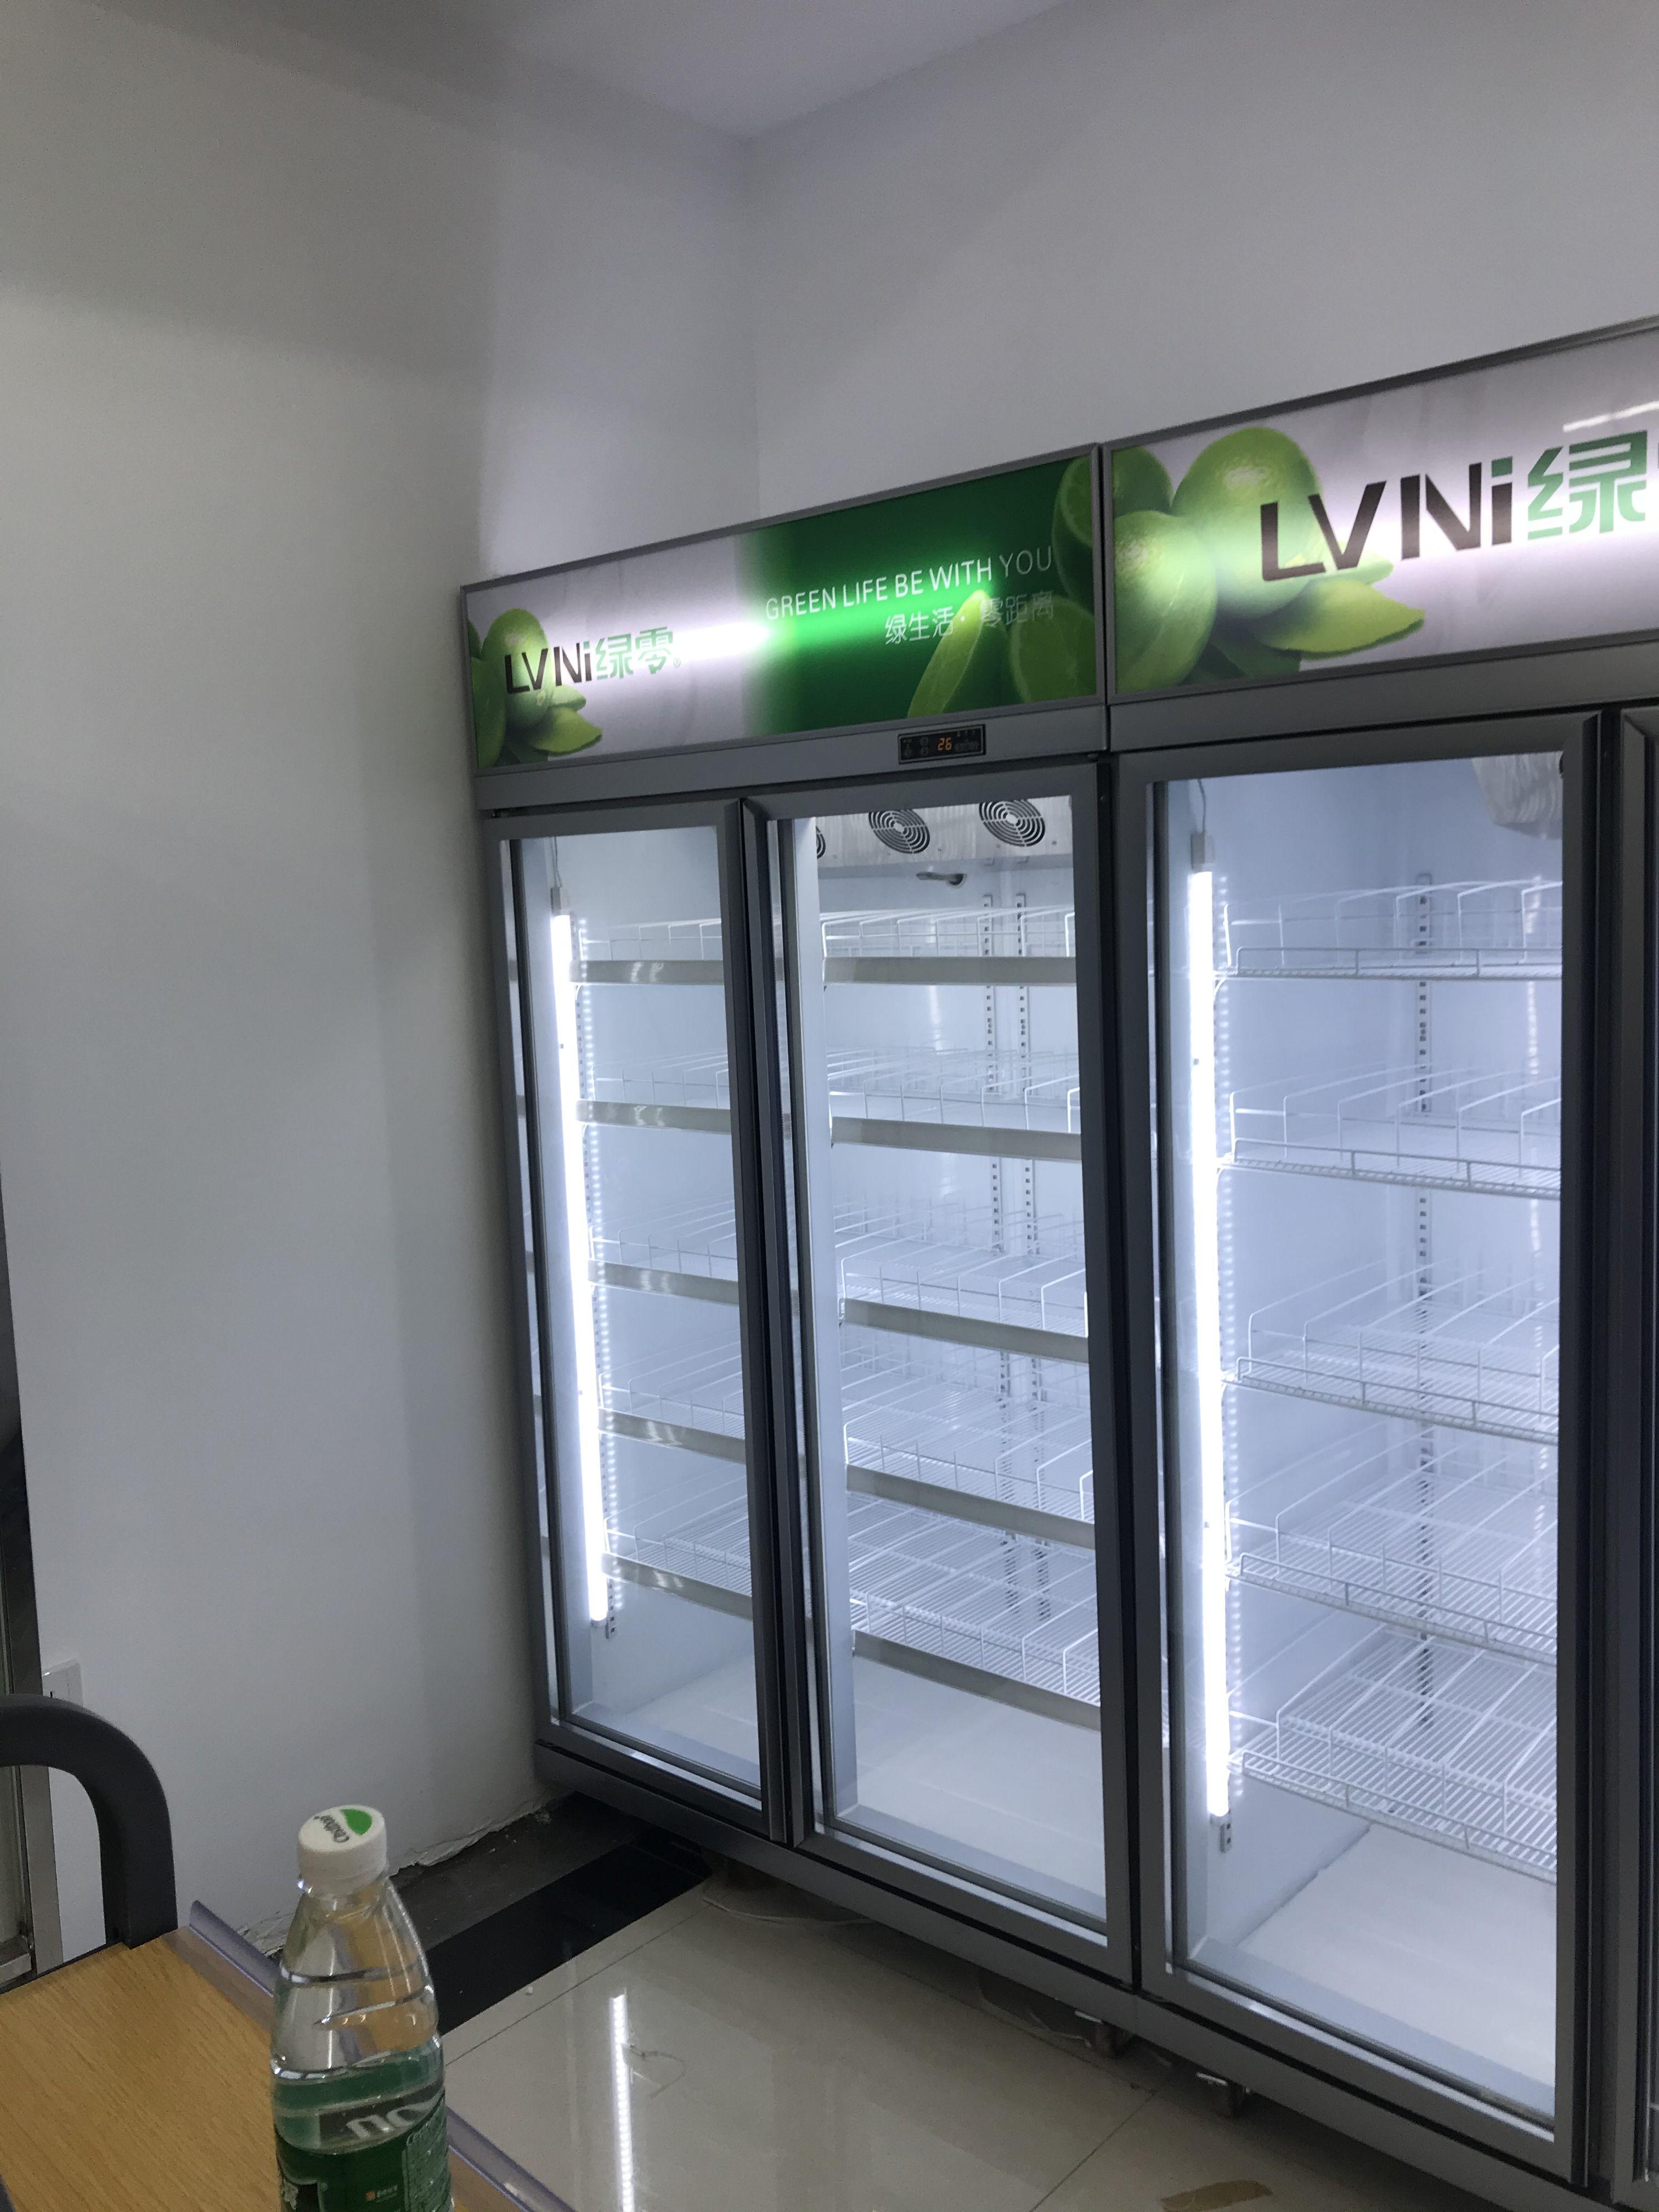 Lvni 2 Doors Display Cooler For Your Beverage Beer Or Milk In 2020 Ventilation Design Glass Door Refrigerator Display Refrigerator